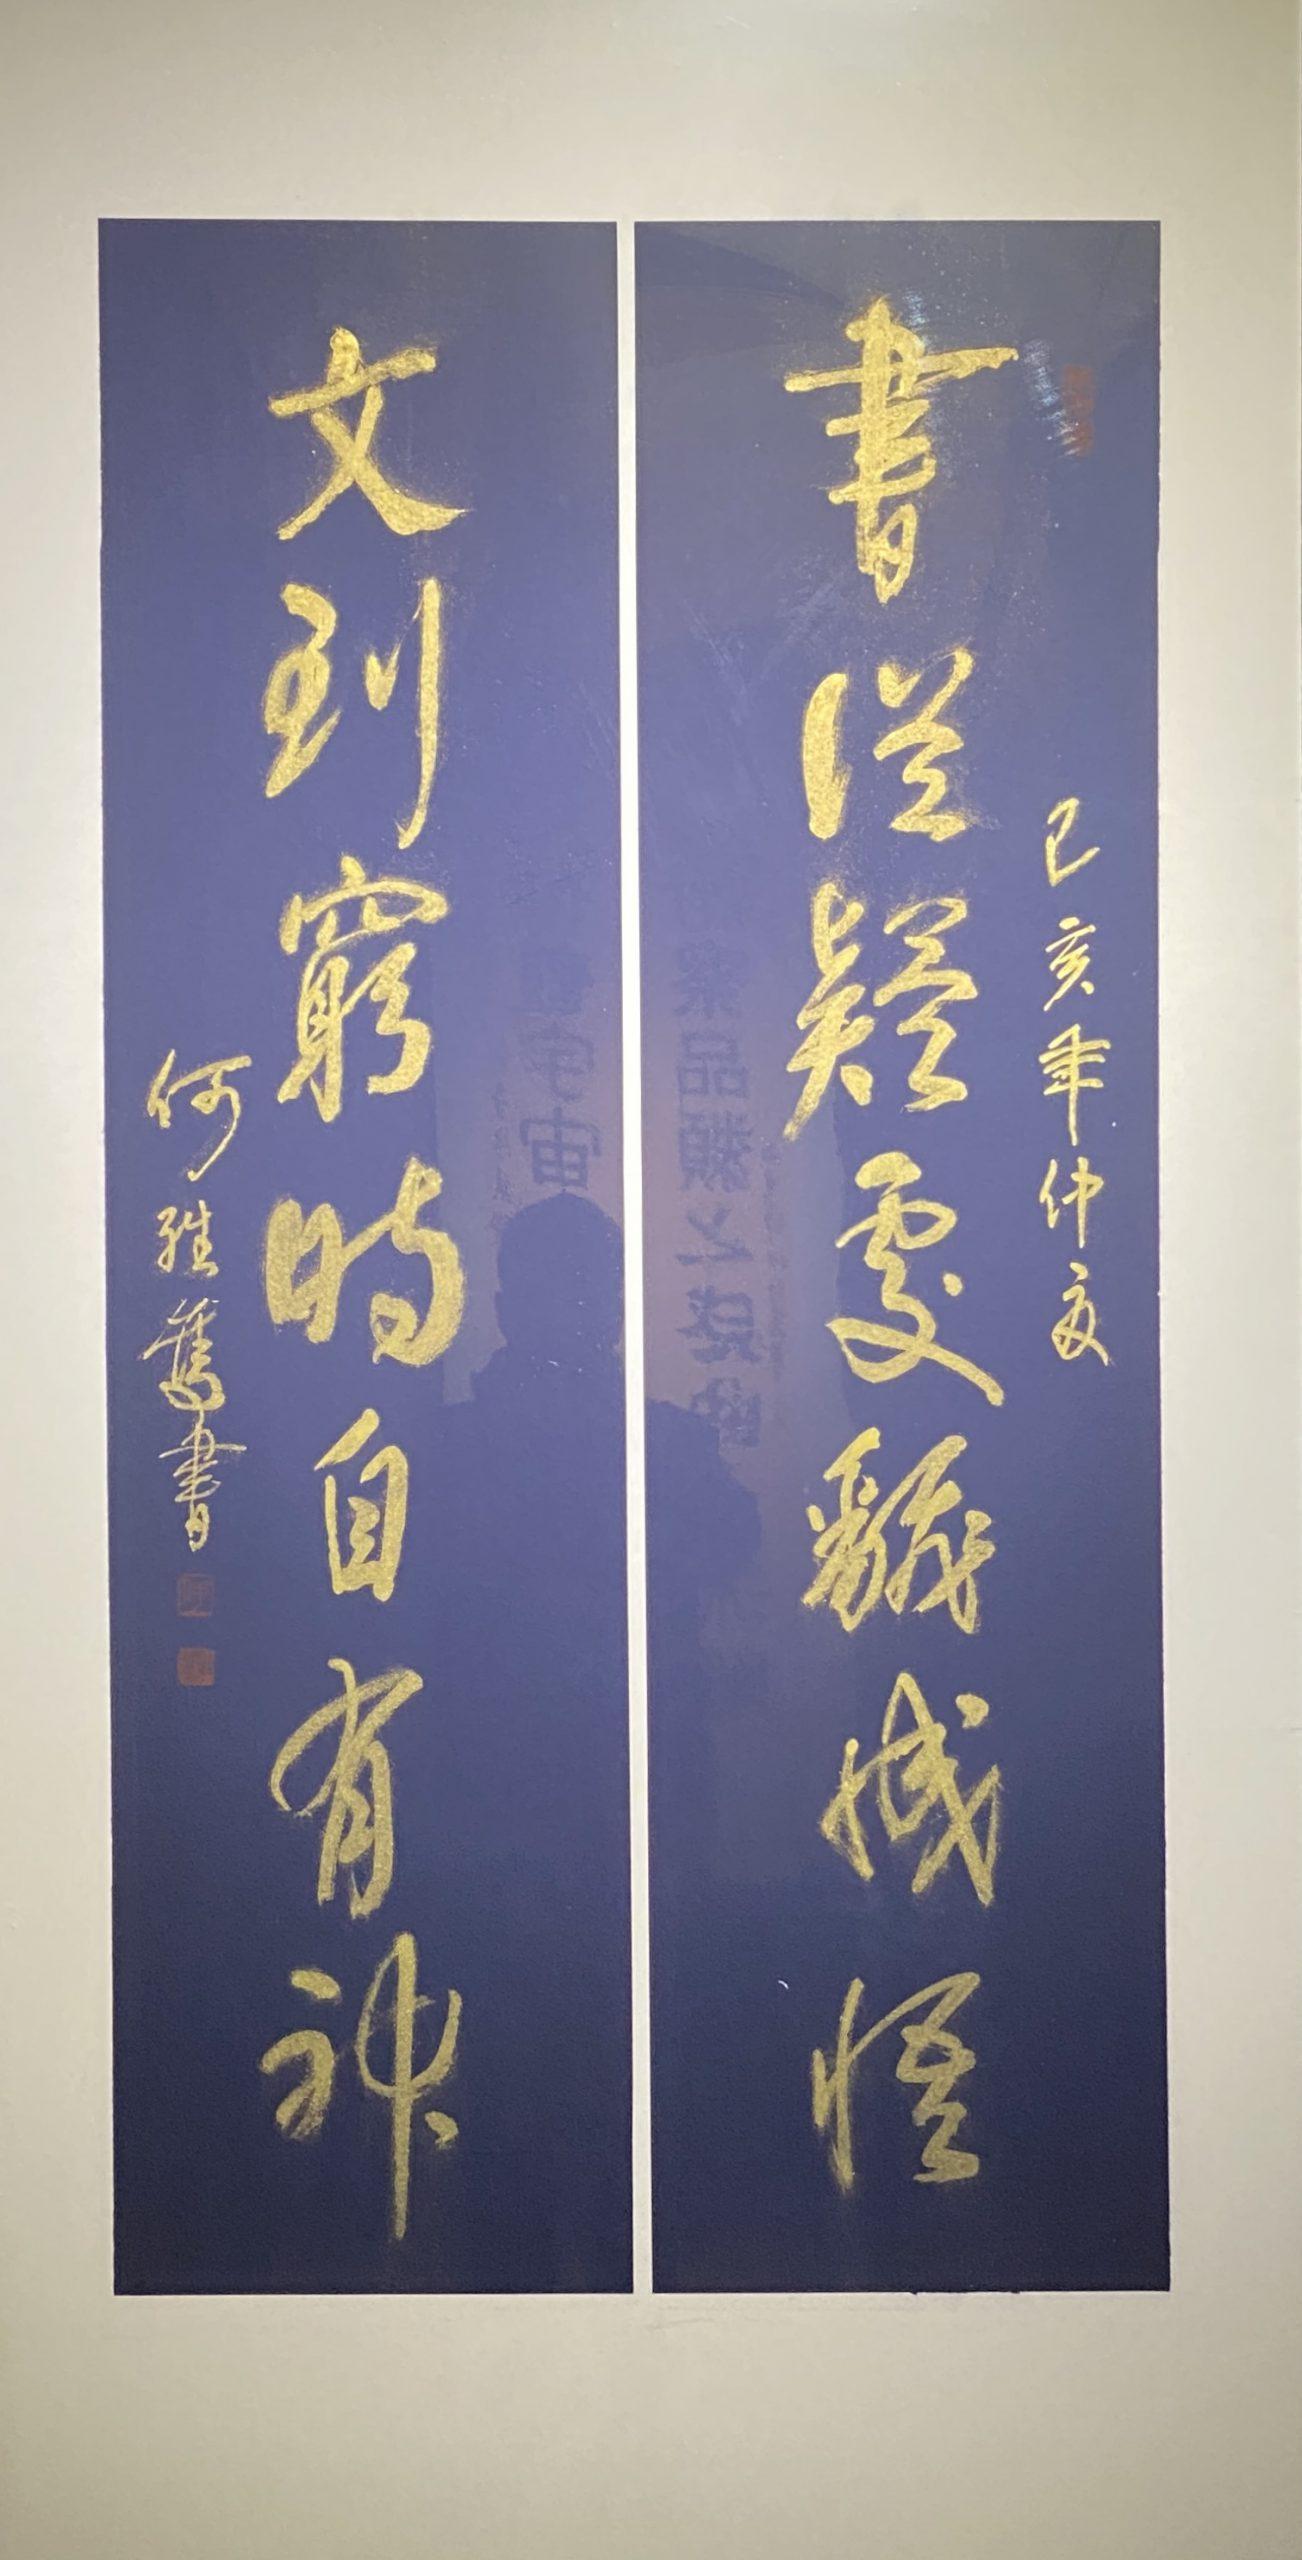 行書二行連句-2020-書-138×35×2cm-「丹青を振りかけ、詩情を送る-何継篤個人書画展」成都市美術館